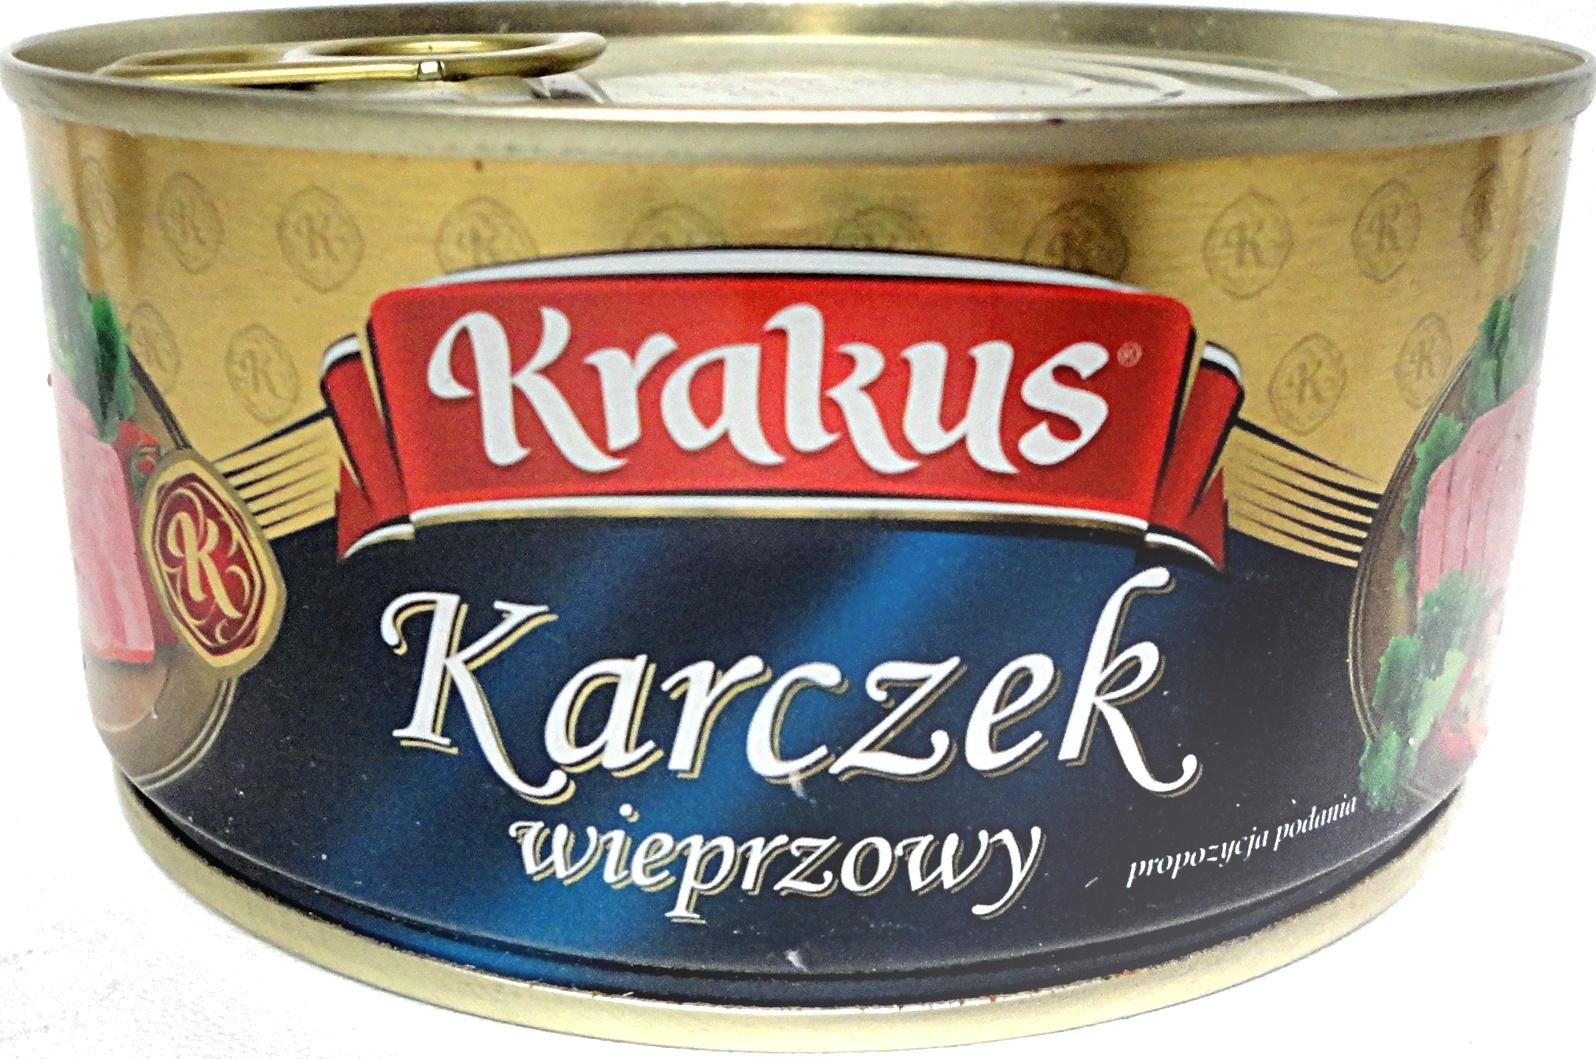 Karczek wieprzowy - Produkt - pl